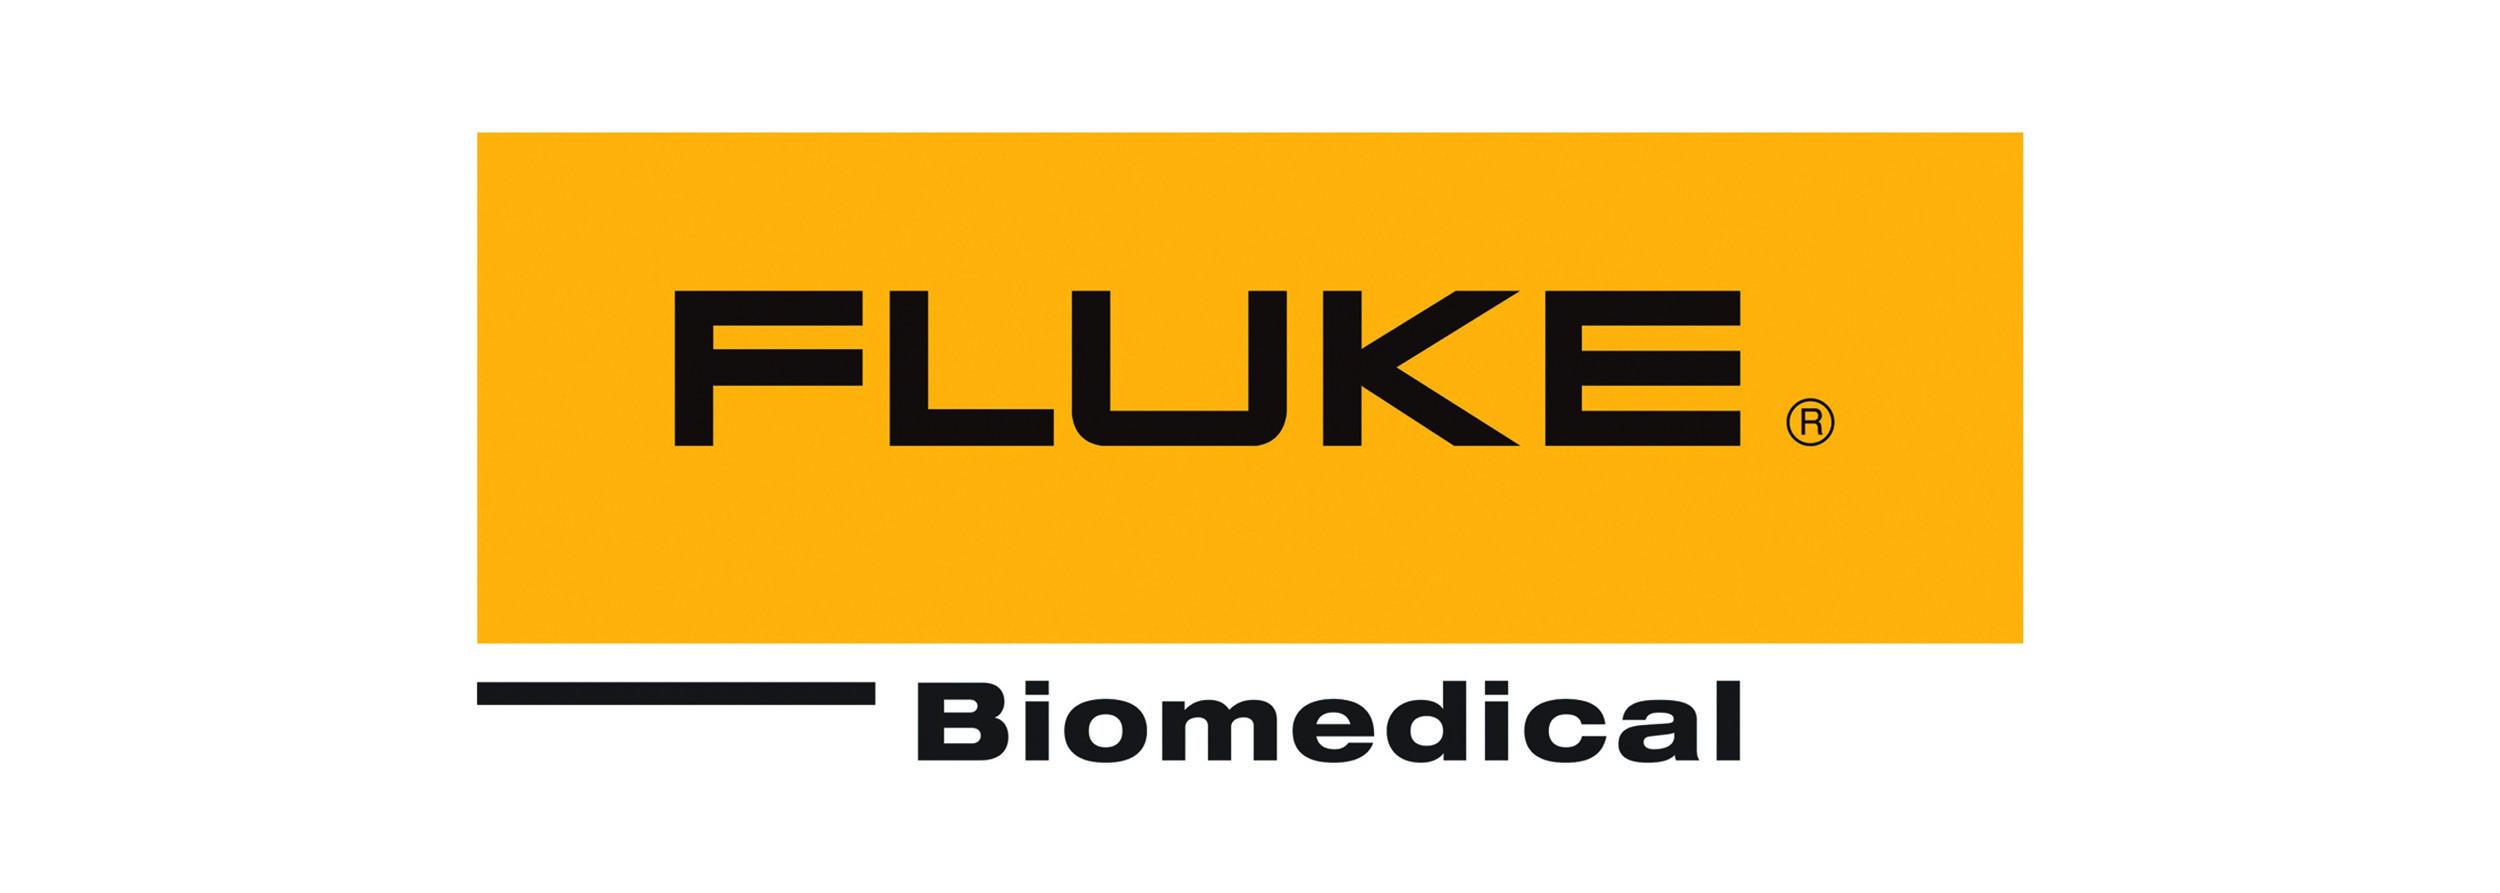 FLUKE.jpg